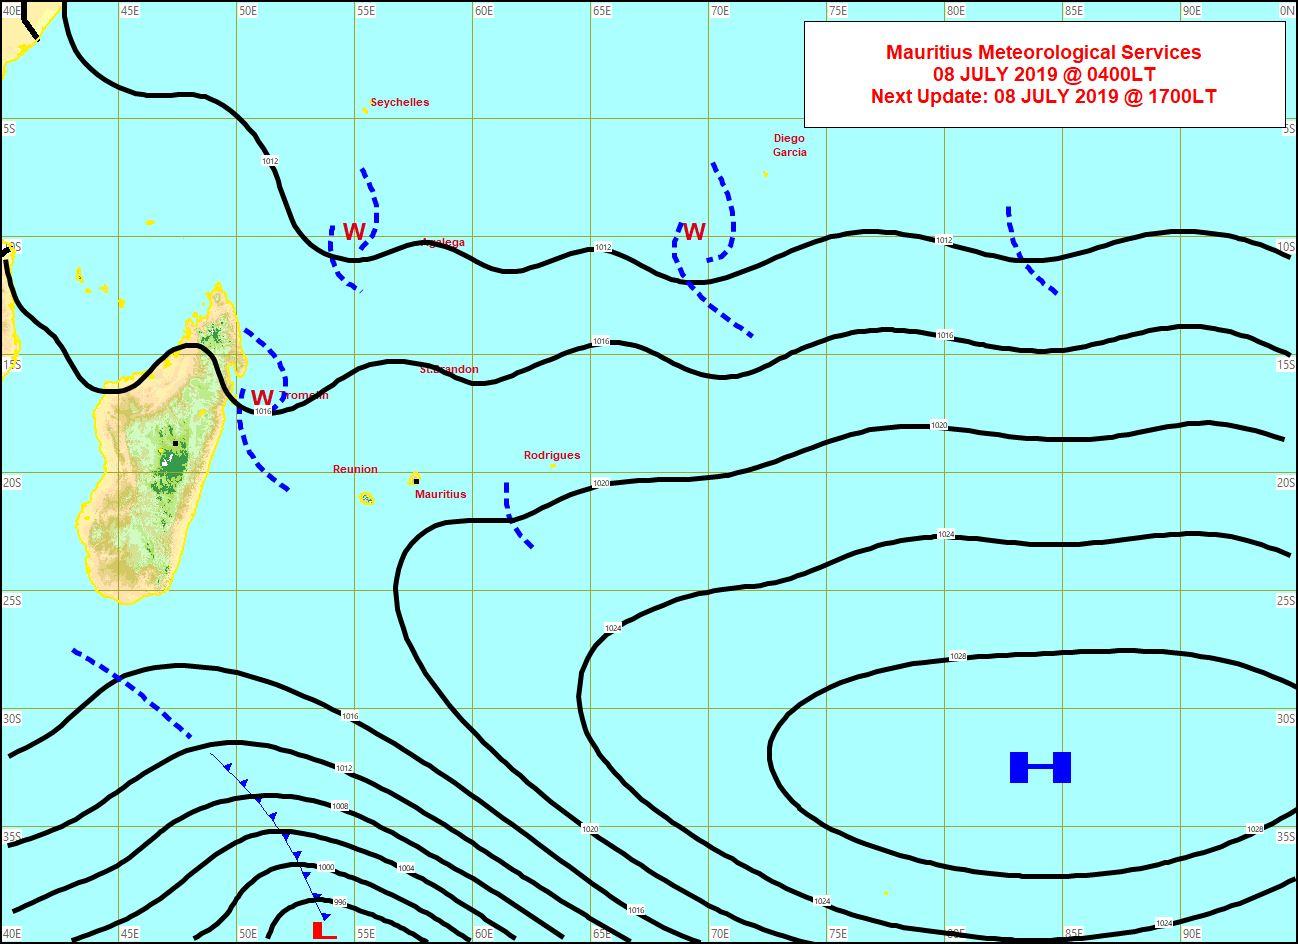 Analyse de la situation de surface ce matin. Les vents sont faibles sur les Iles Soeurs. Un système frontal évolue au sud de MADA. MMS